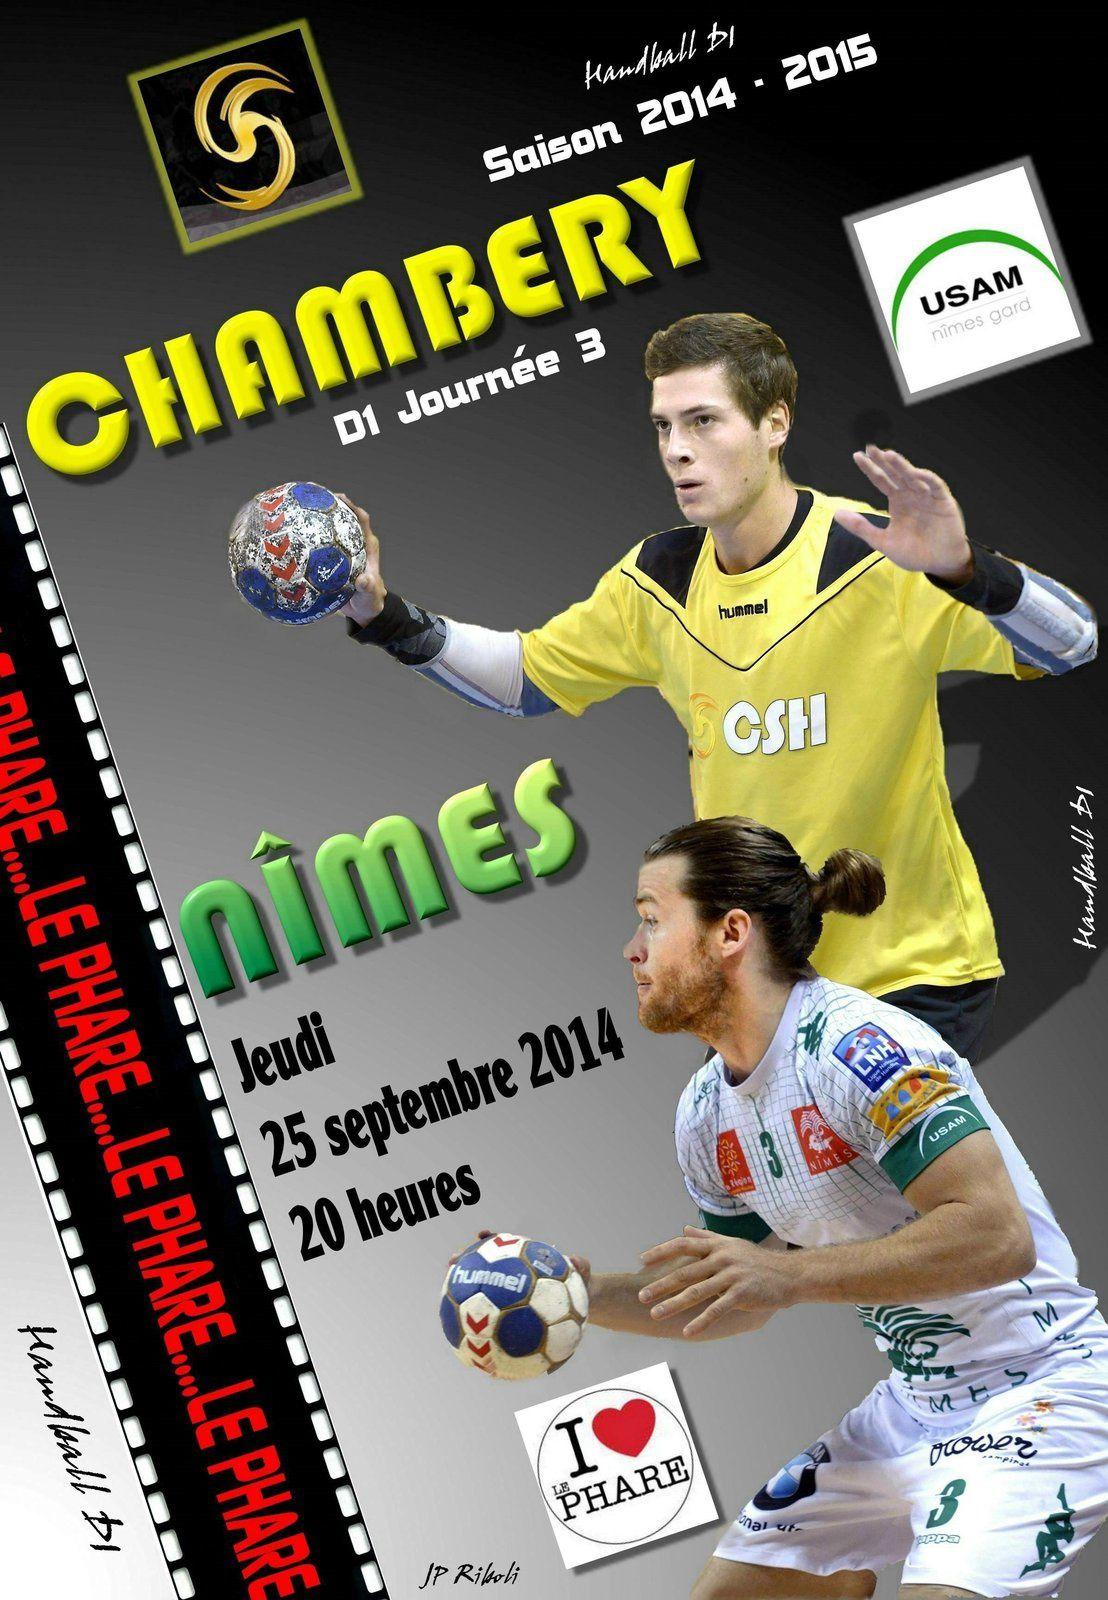 Premier match au phare CHAMBERY NÎMES jeudi 25 09 à 20 heures